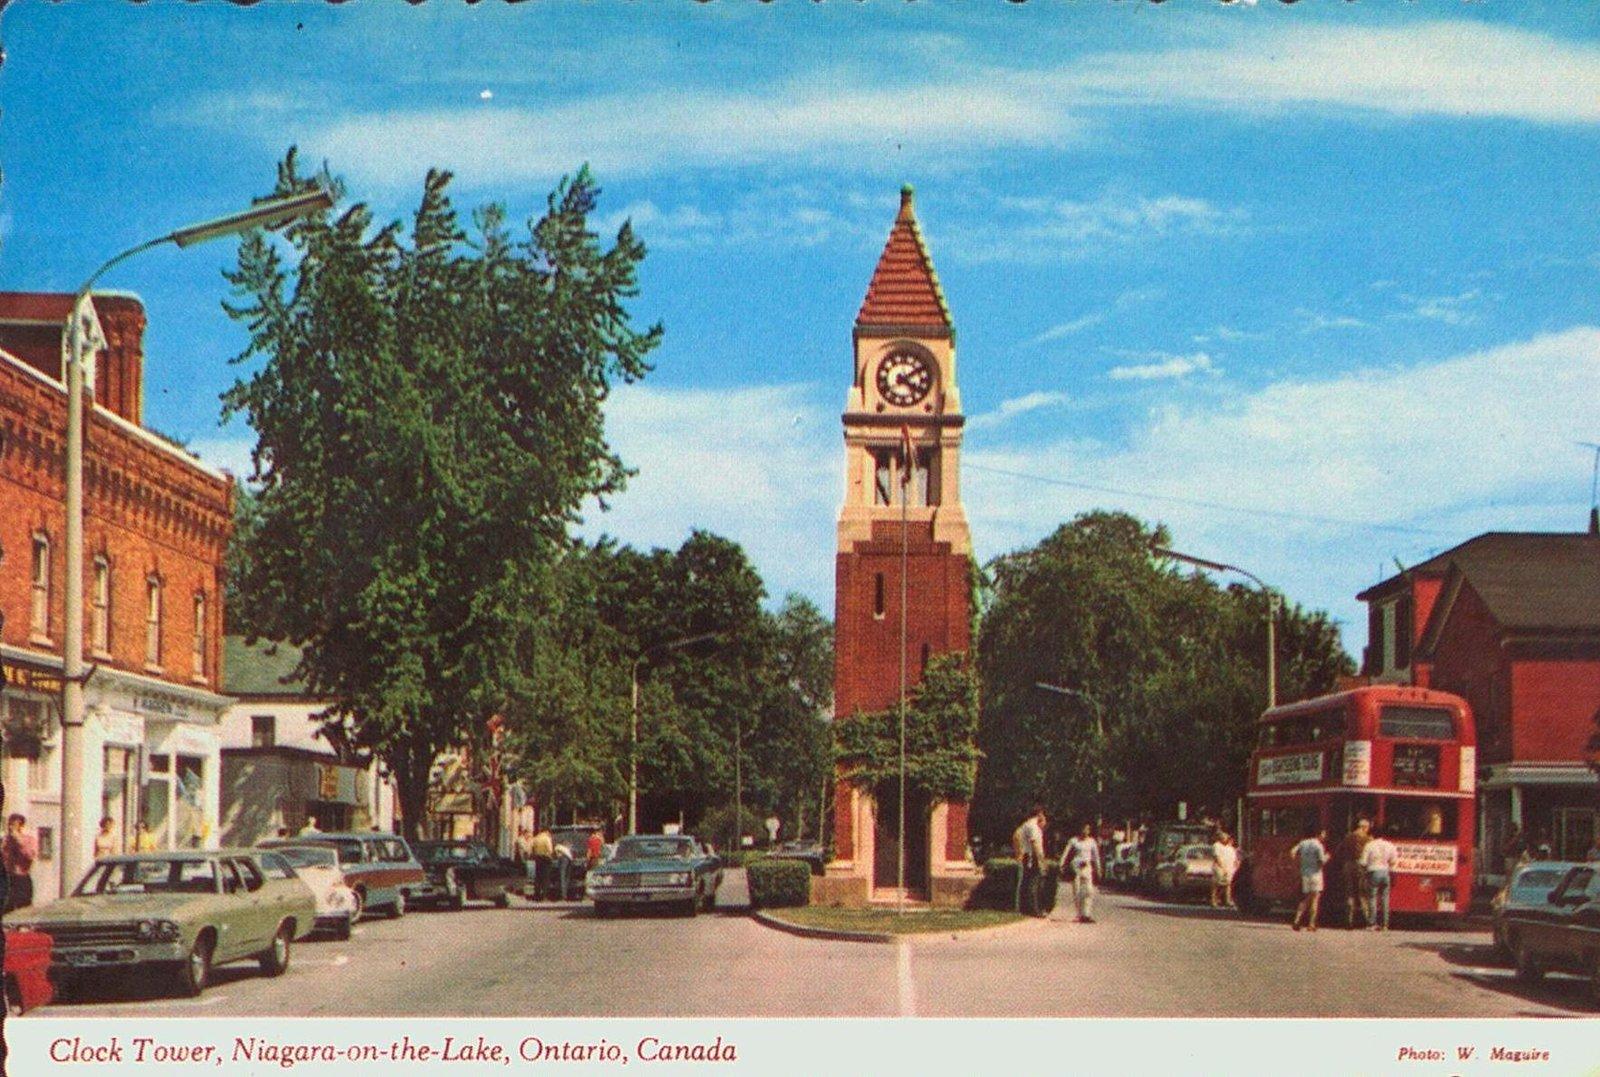 Clock Tower, Niagara-on-the-Lake